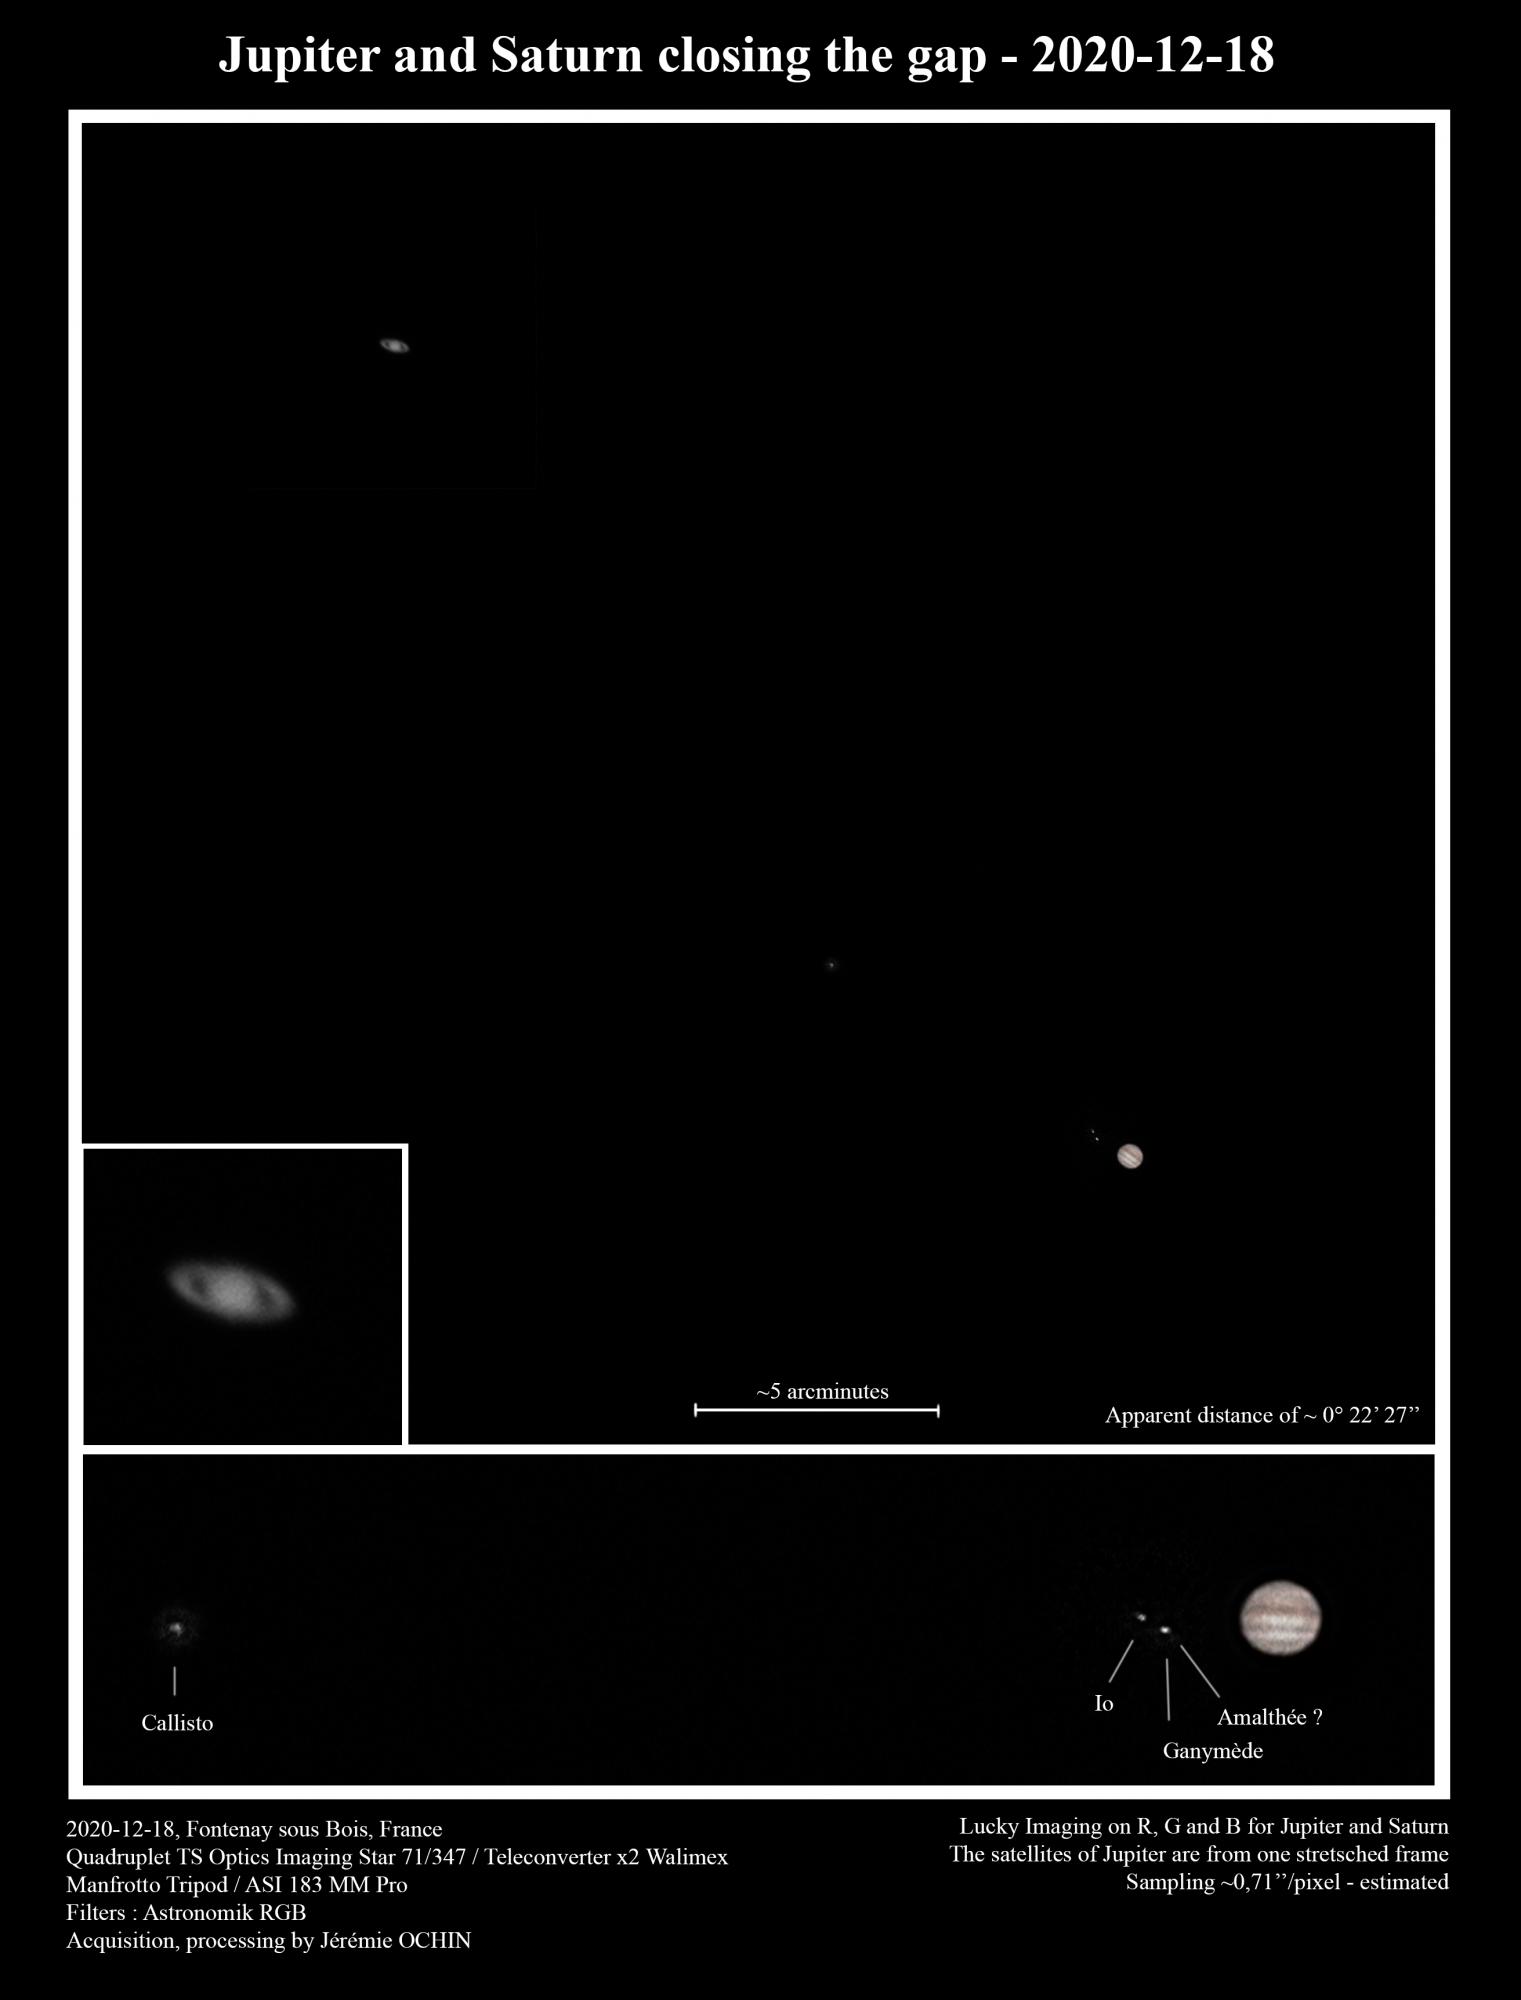 JupiterSaturne_18122020.png